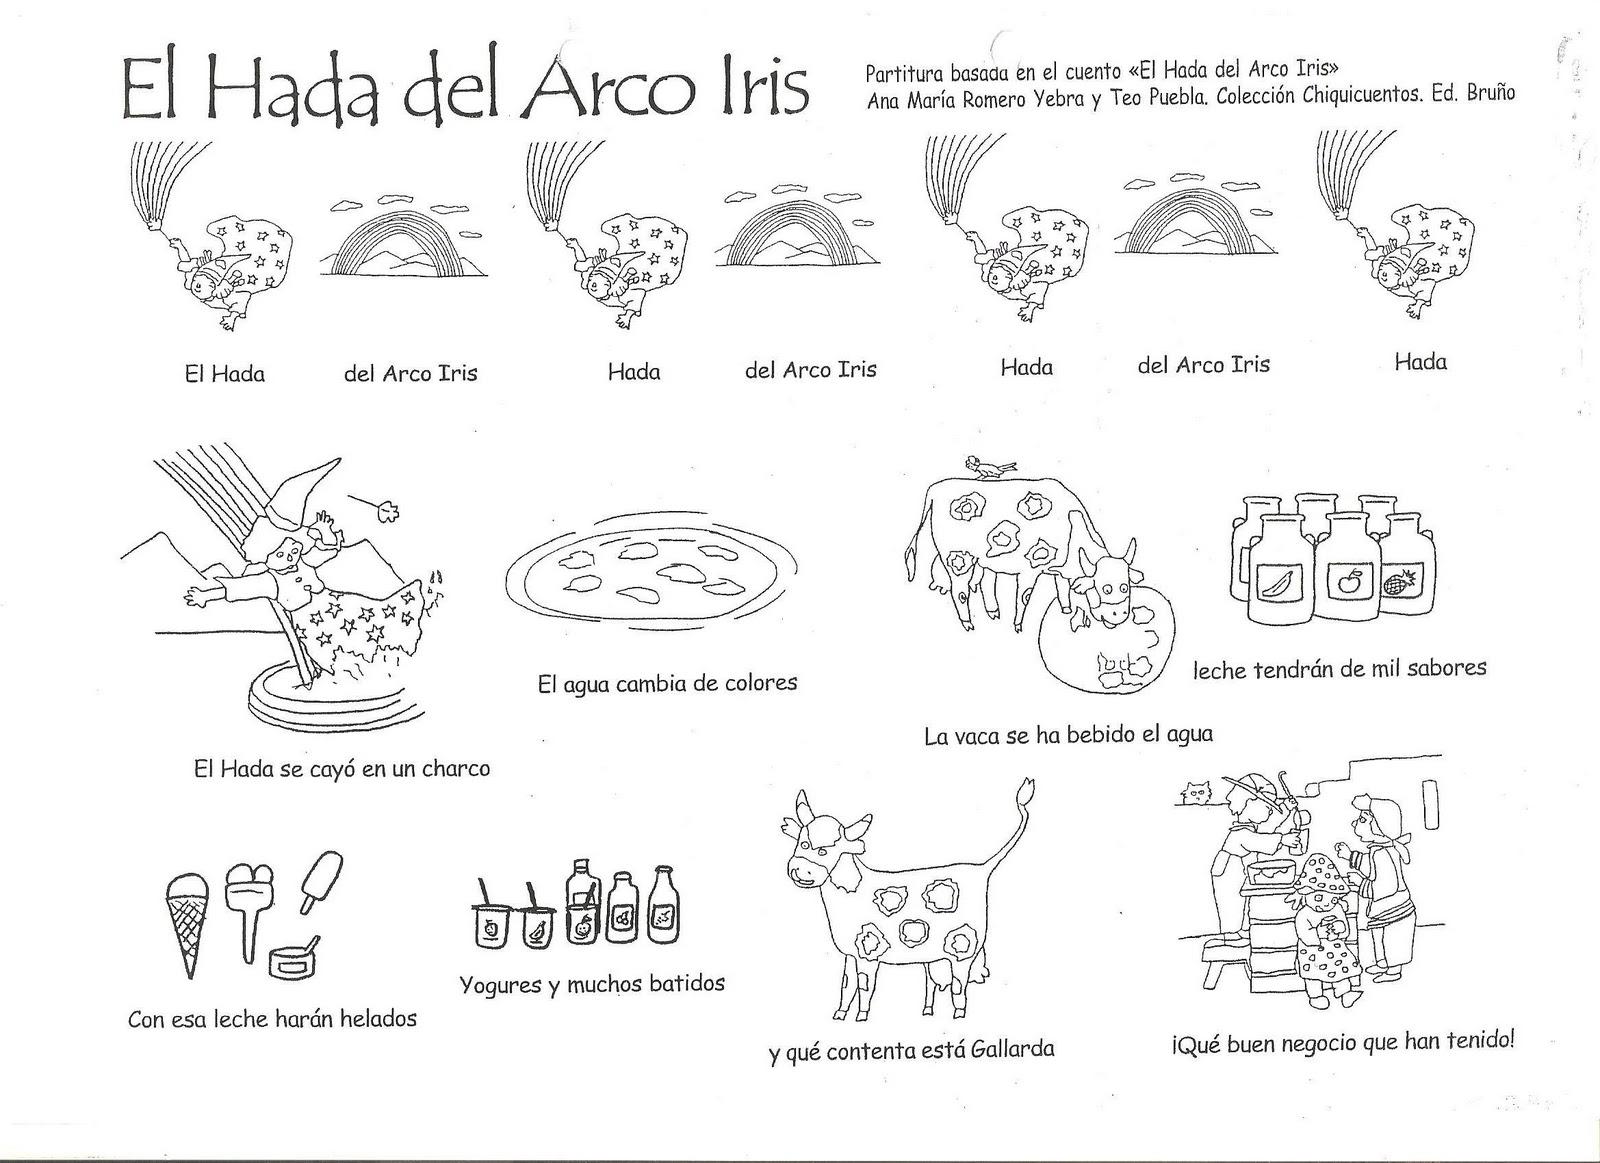 UN ARCOIRIS EN EL CASTILLO: EL HADA DEL ARCO IRIS